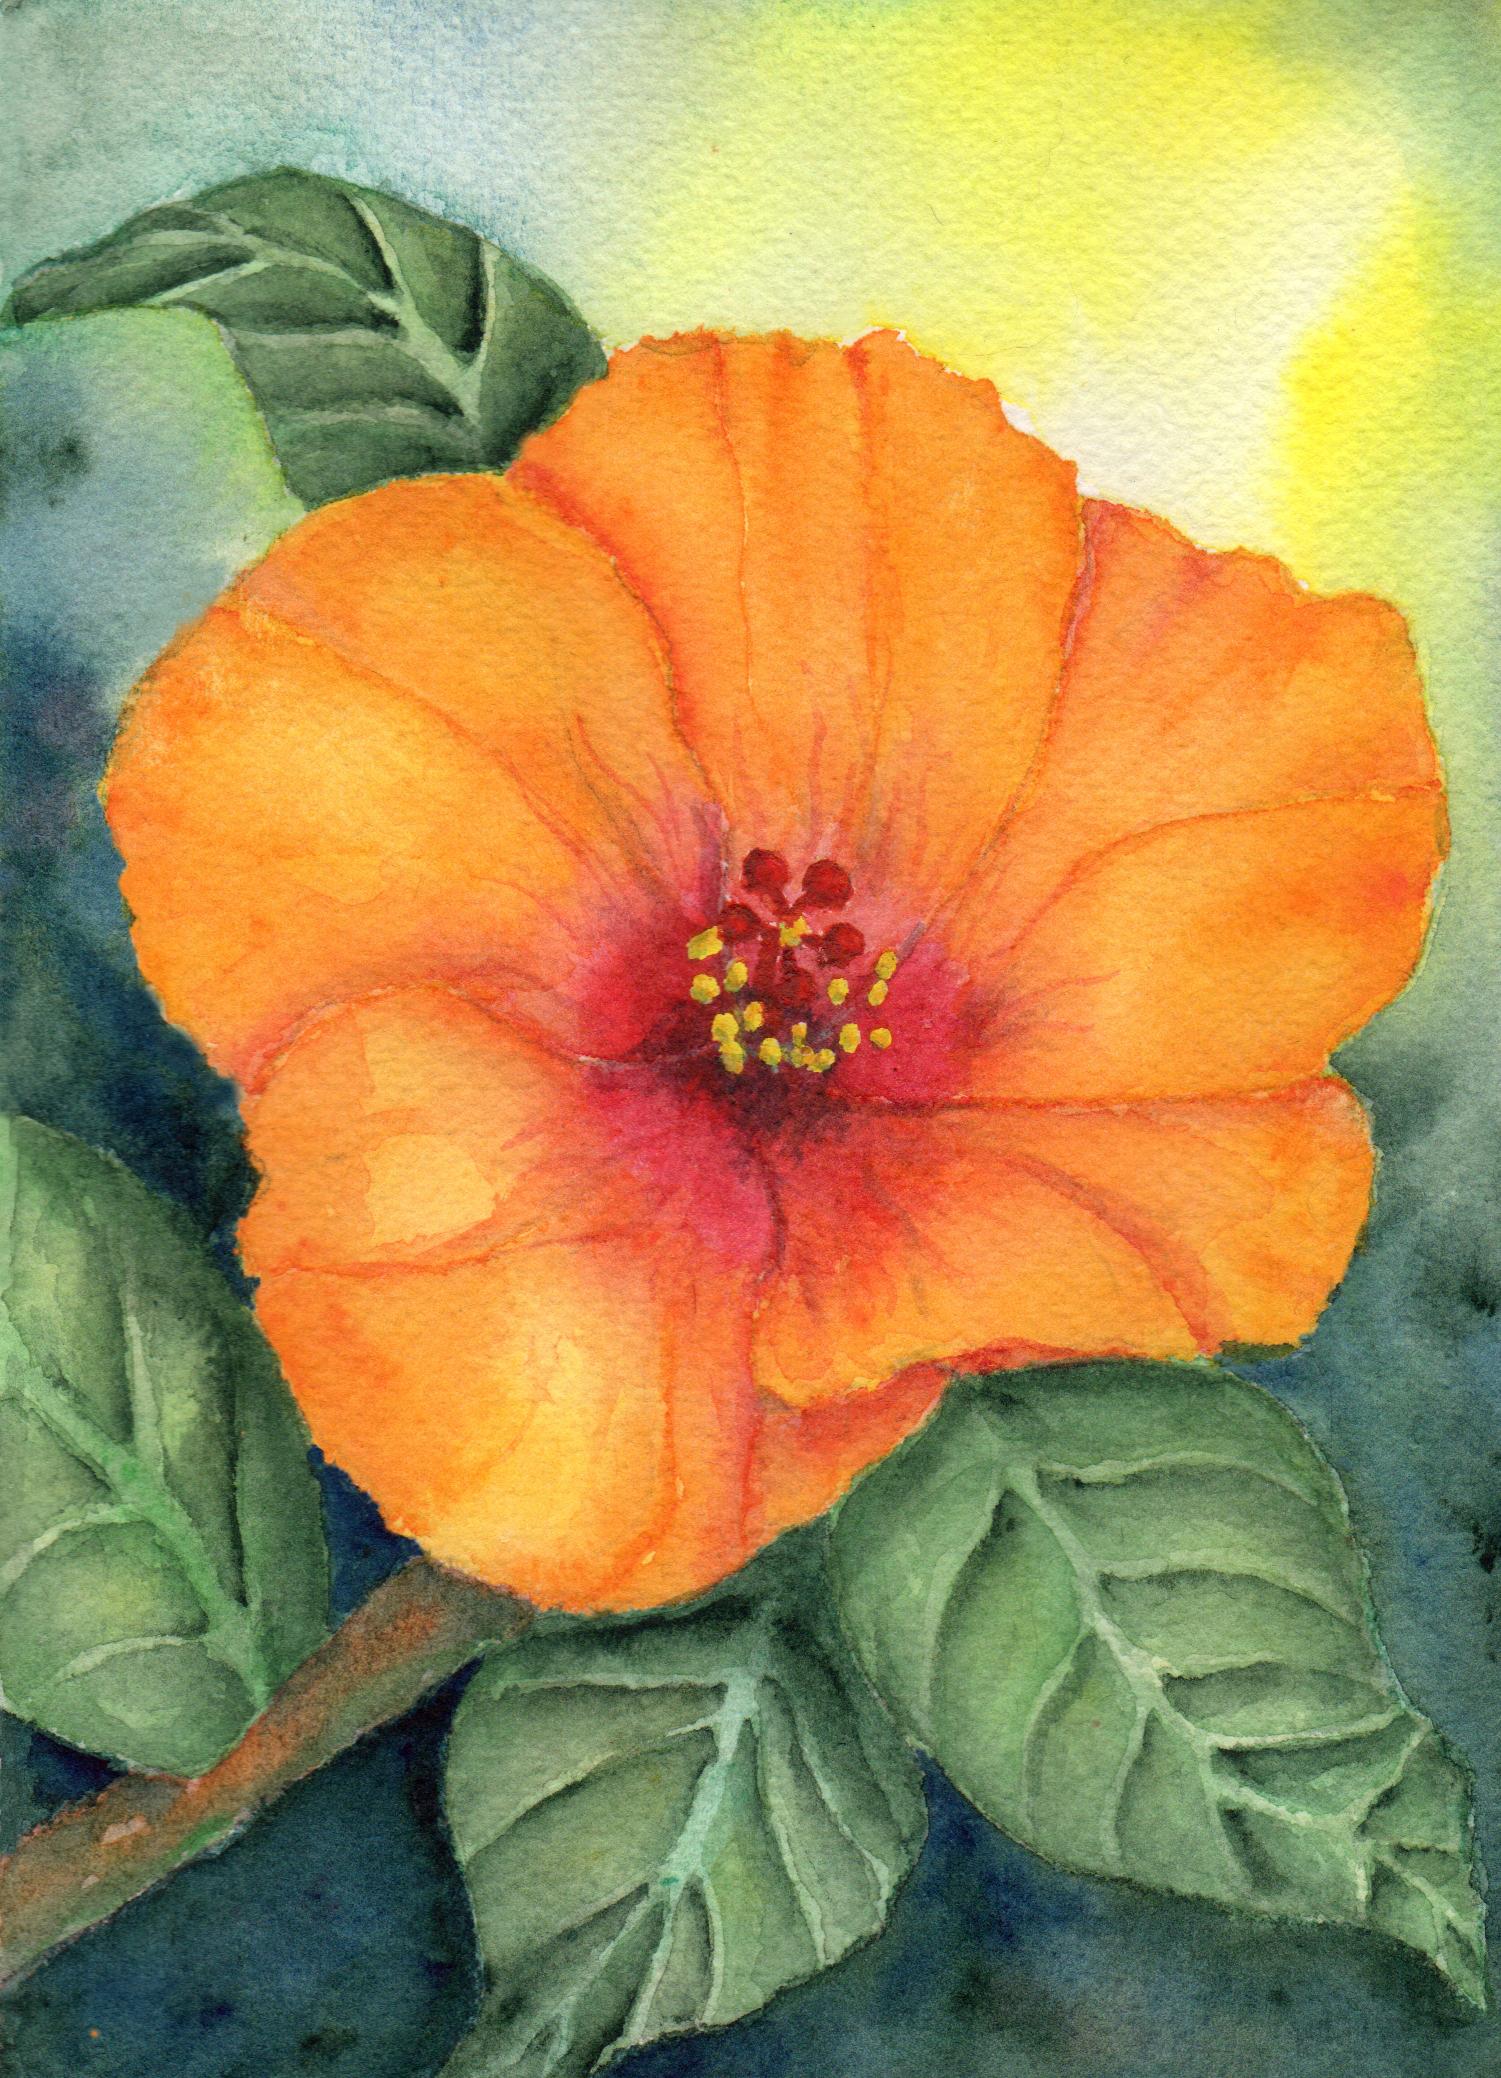 Orange Hibiscus by Elizabeth Oertel